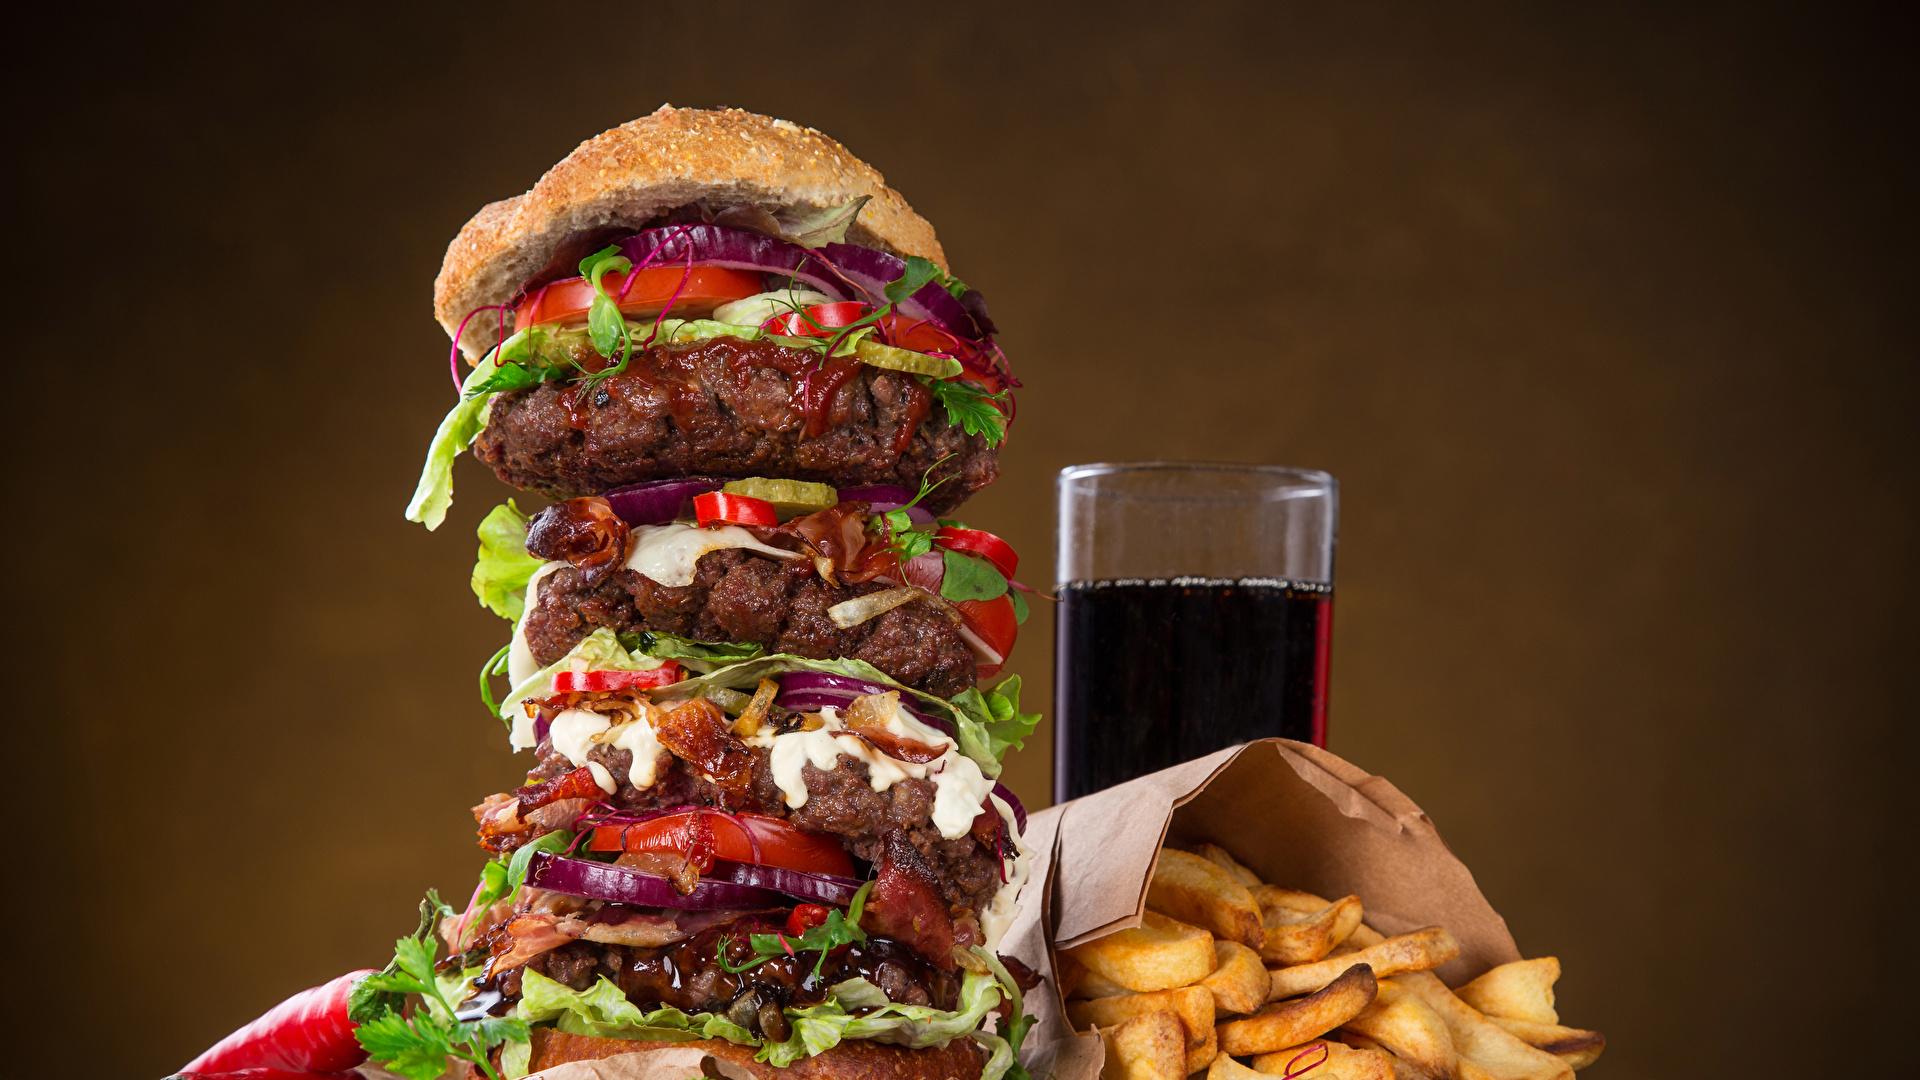 Обои Гамбургер Картофель фри Стакан Быстрое питание Продукты питания Напитки 1920x1080 стакана стакане Фастфуд Еда Пища